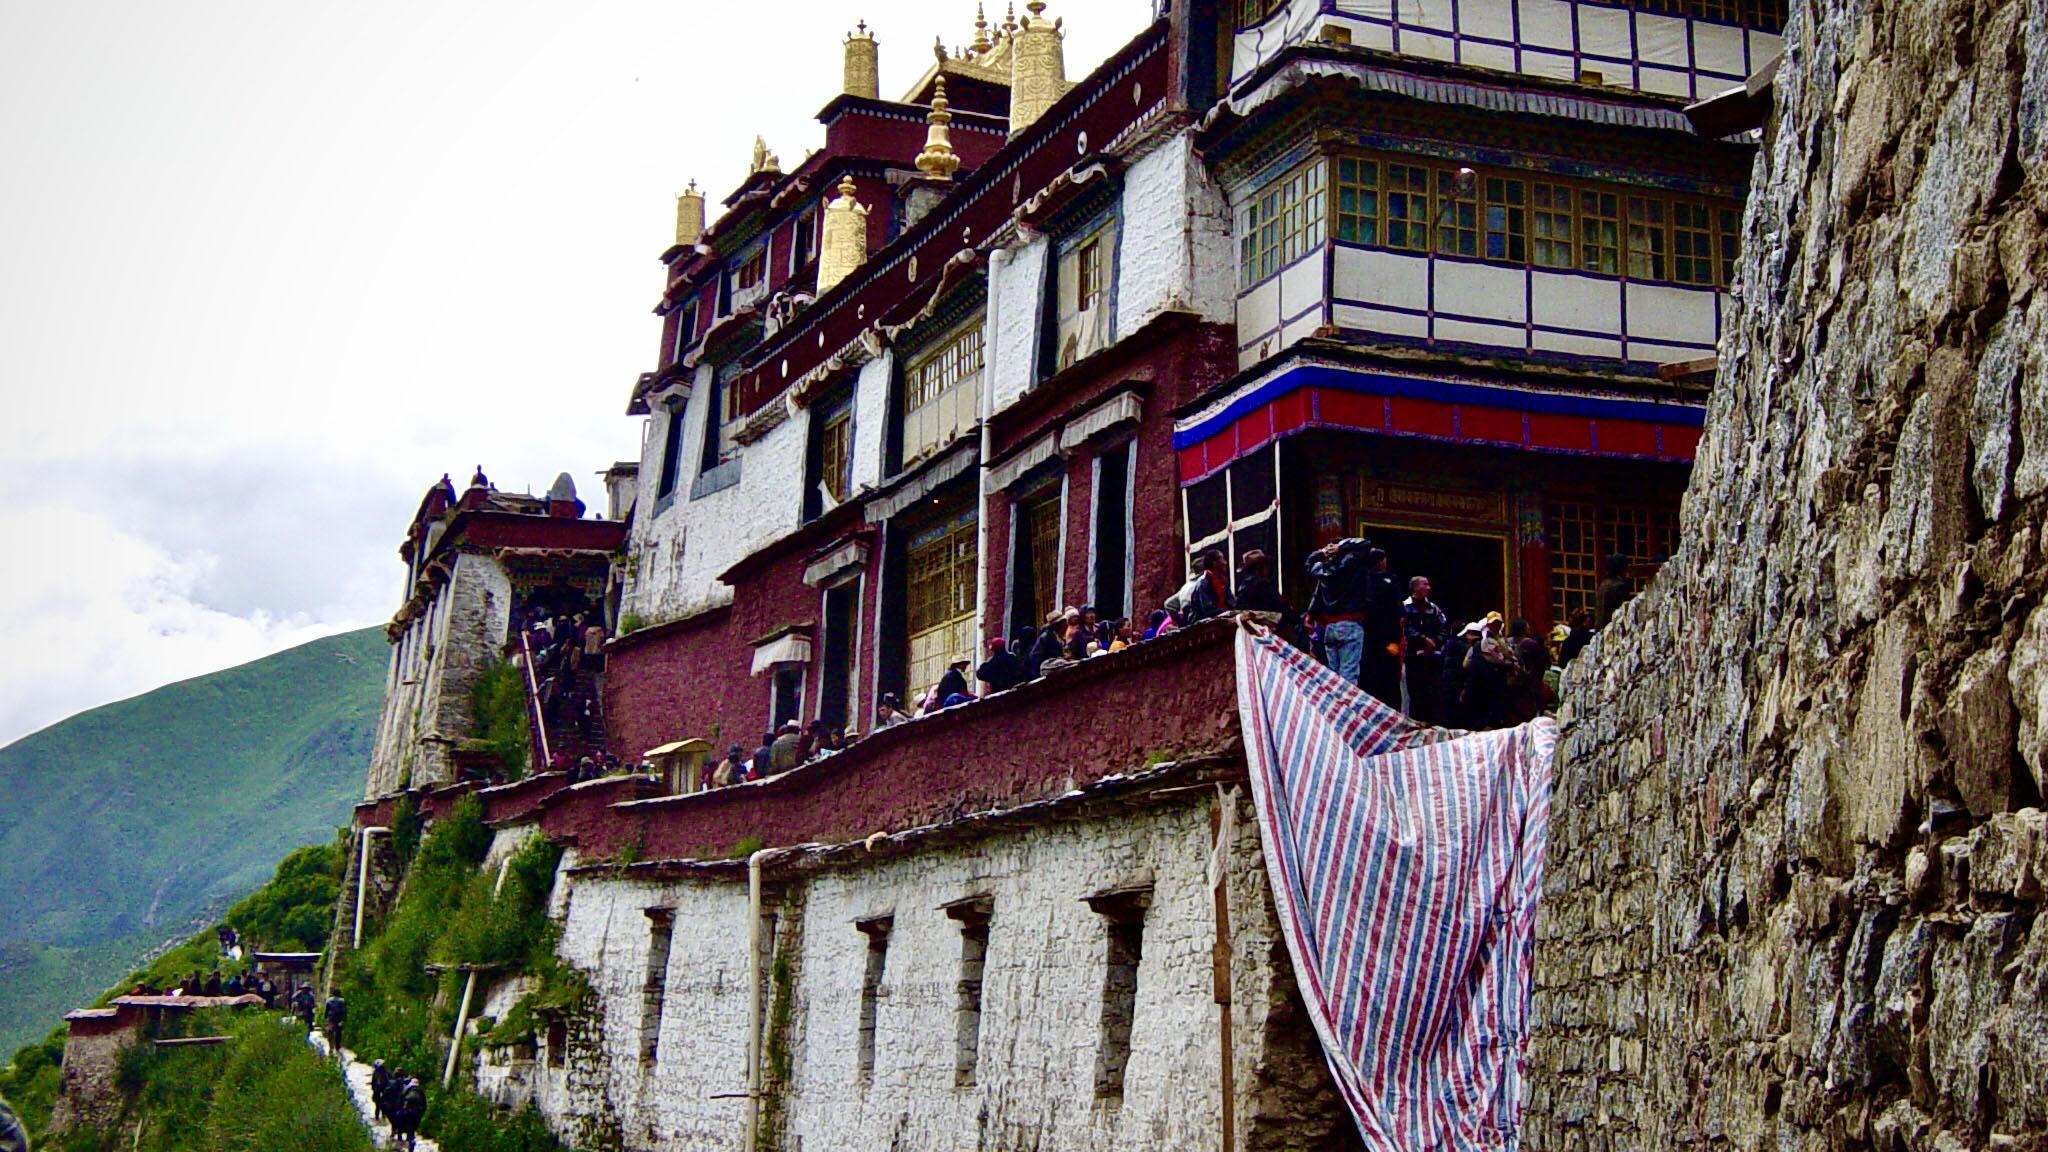 直貢噶舉祖寺直貢梯寺位於拉薩墨竹工卡縣內,但這已是文革被毀後重建的樣貌。(唯色2004年夏天拍)